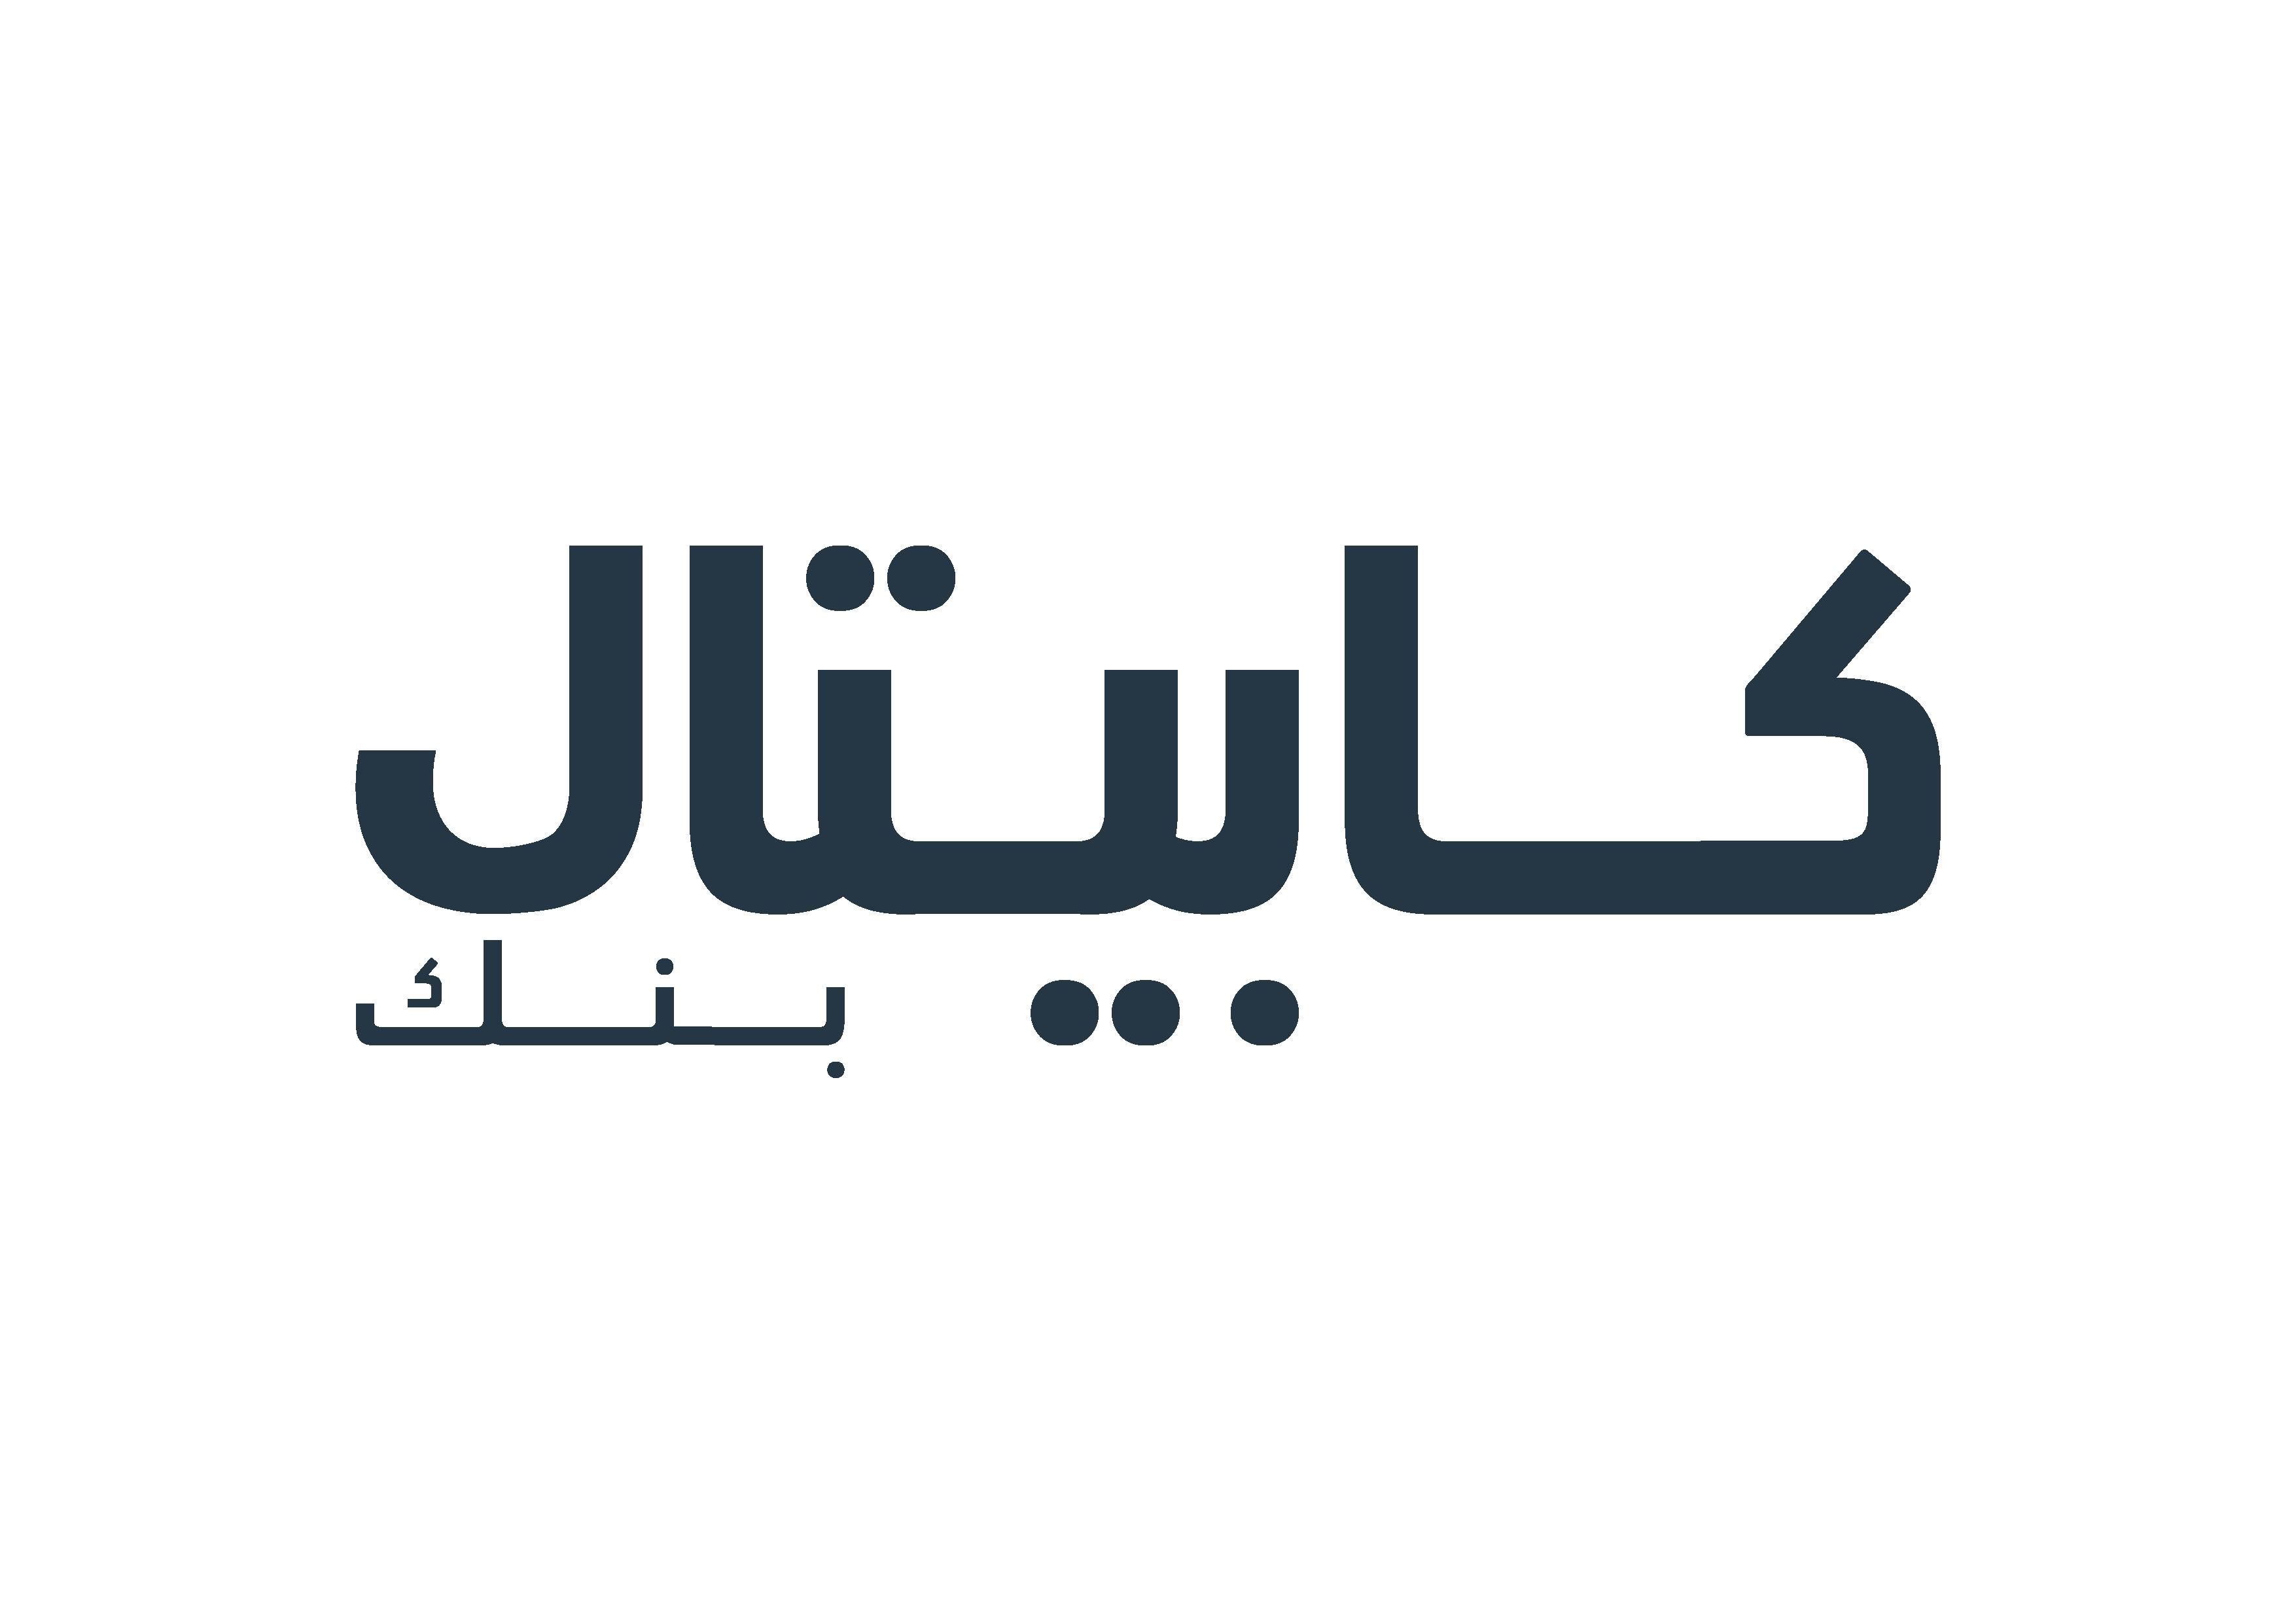 """كابيتال بنك يوقع اتفاقية """"باقة الأعمال"""" لمساعدة عملائه من الشركات في ترويج وتسويق منتجاتهم وخدماتهم إلكترونياً على موقع السوق المفتوح"""